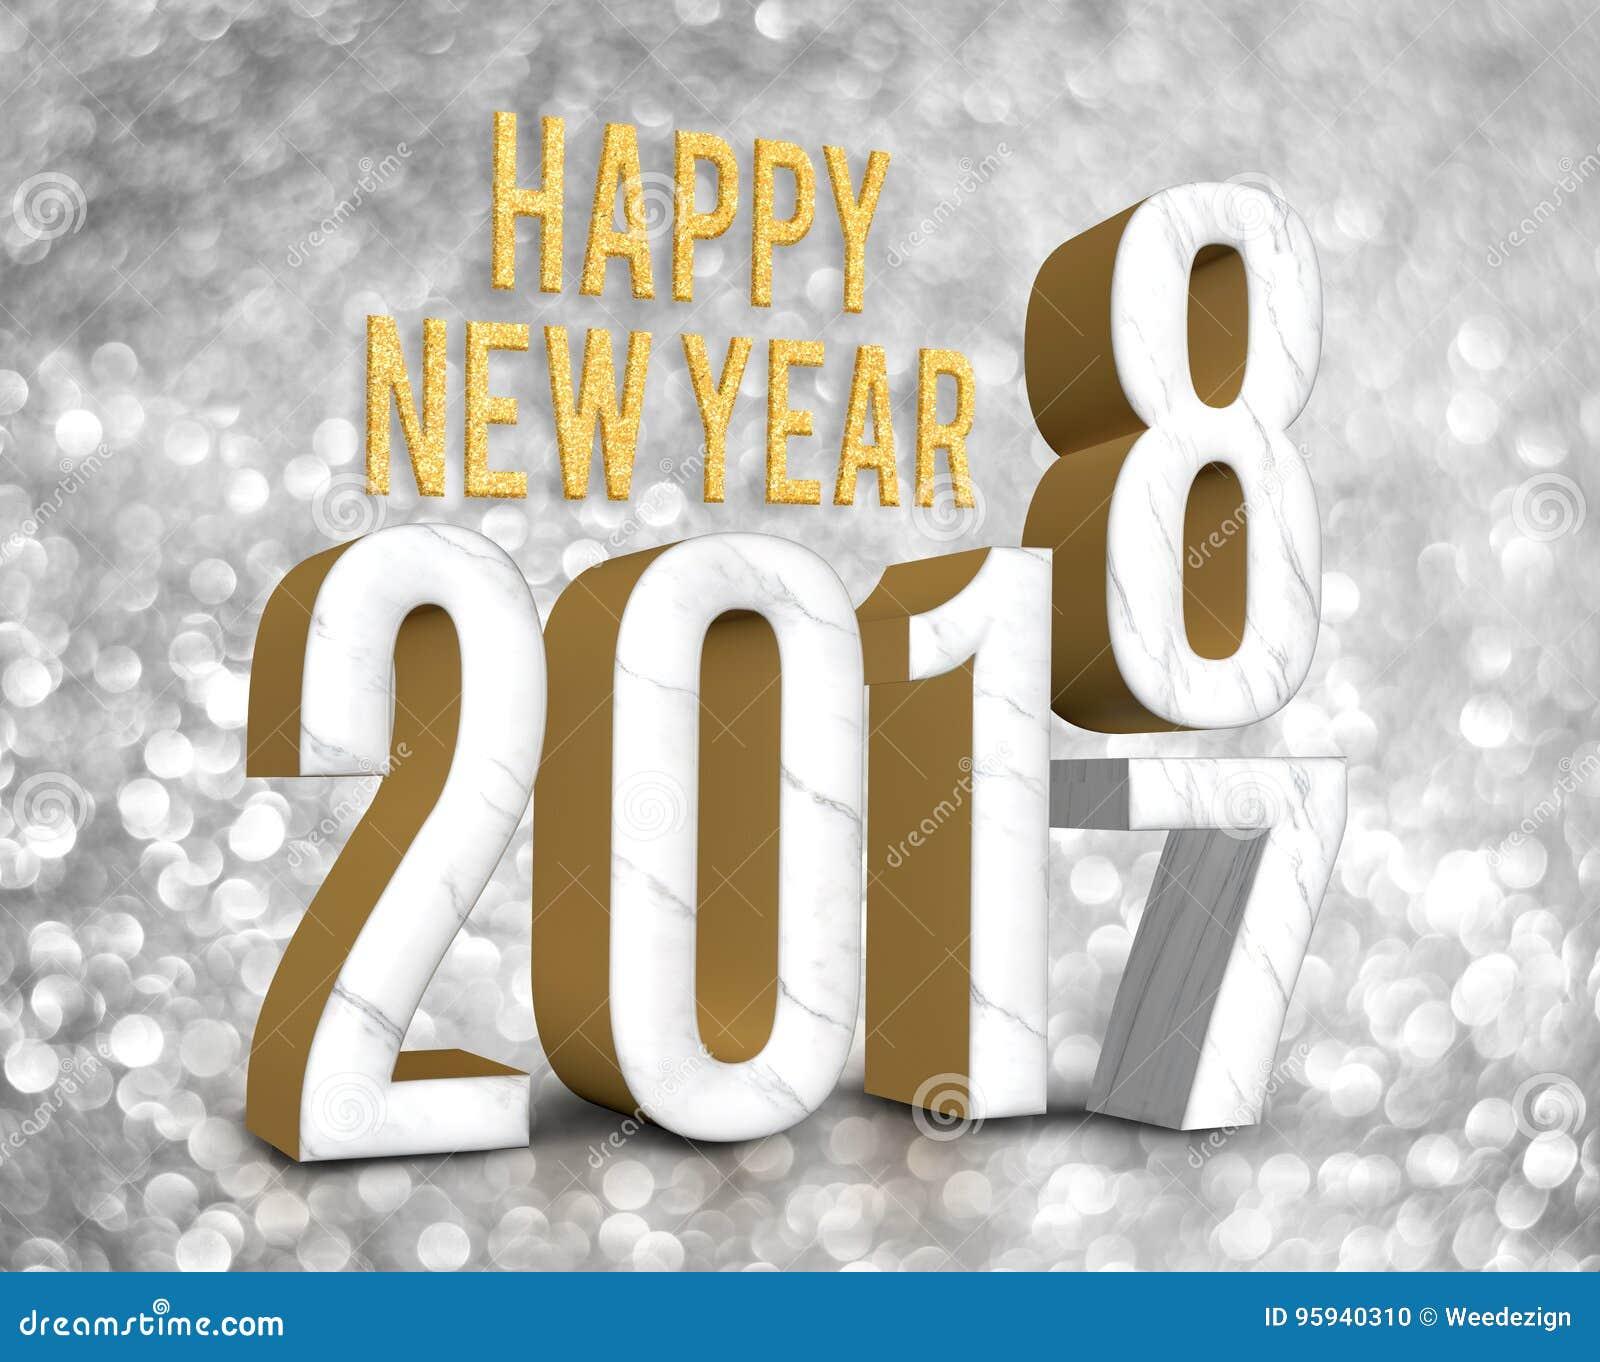 Afbeeldingen van Happy New Year 5.1 Audio 2017